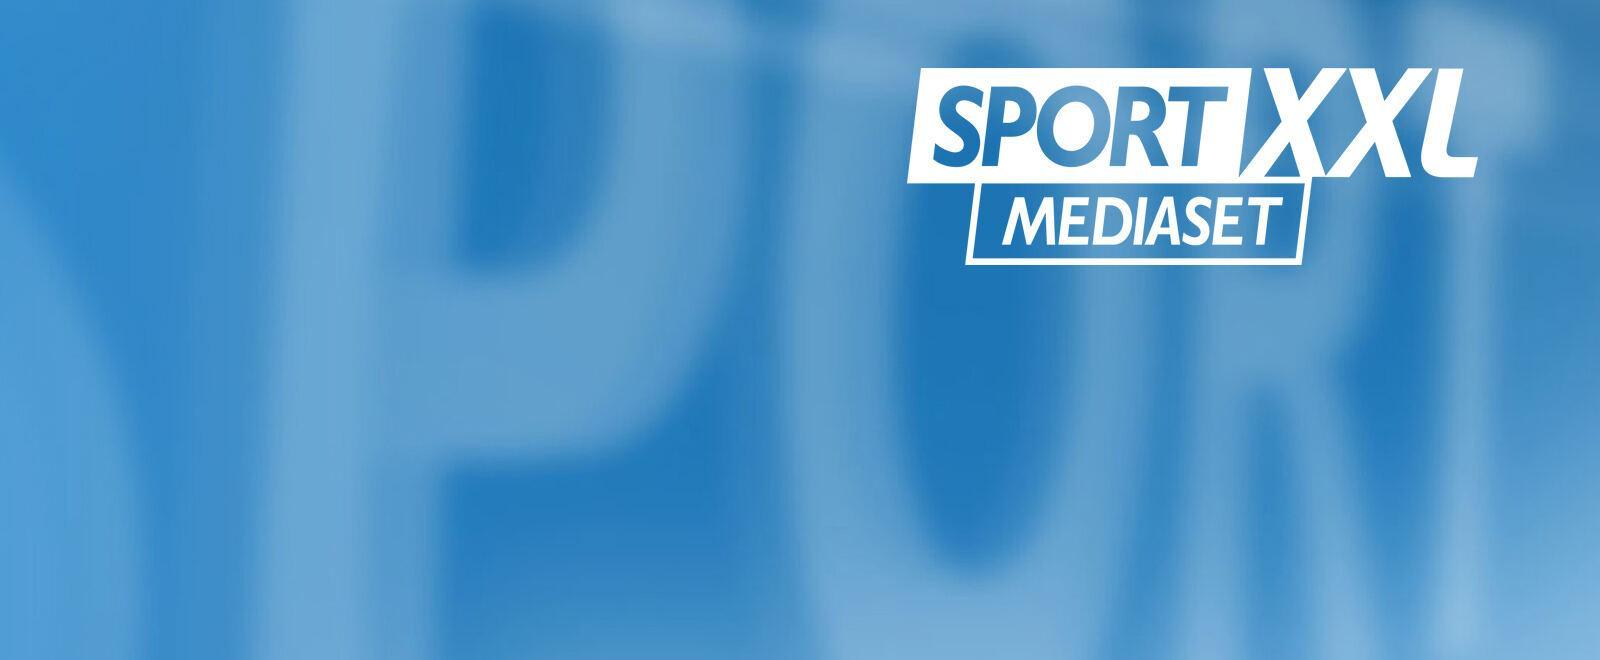 Sport mediaset xxl -'21